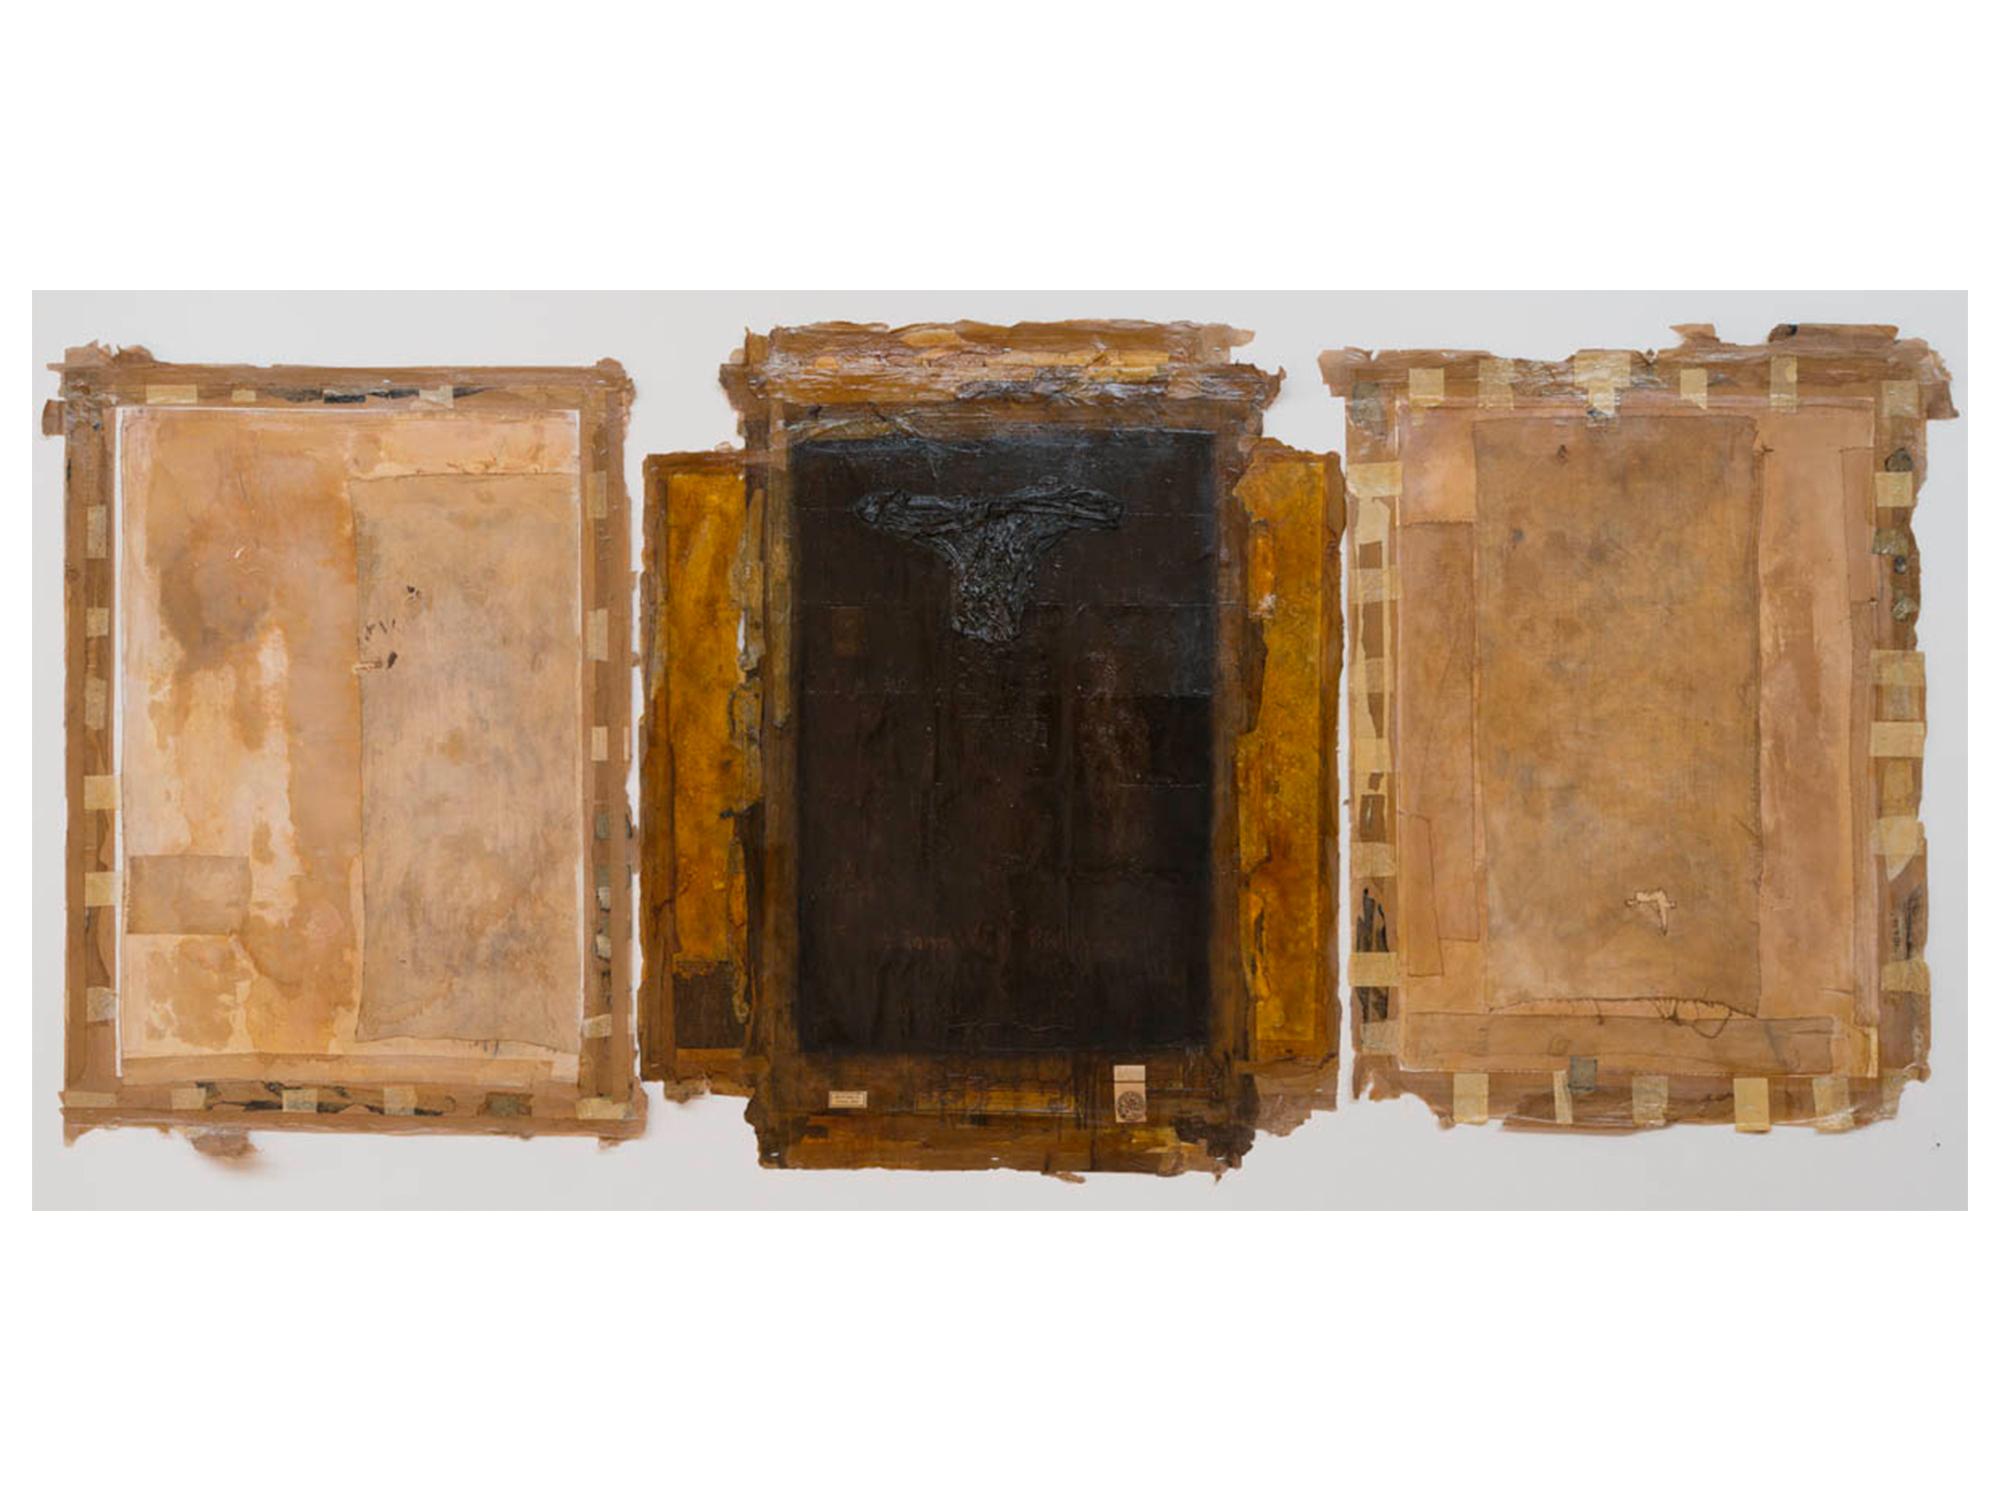 Bernard Sachs   St John of Patmos (After Heironymous Bosch) , 2016 triptych. mixed media on paper 125 x 265cm   ARTIST BIO